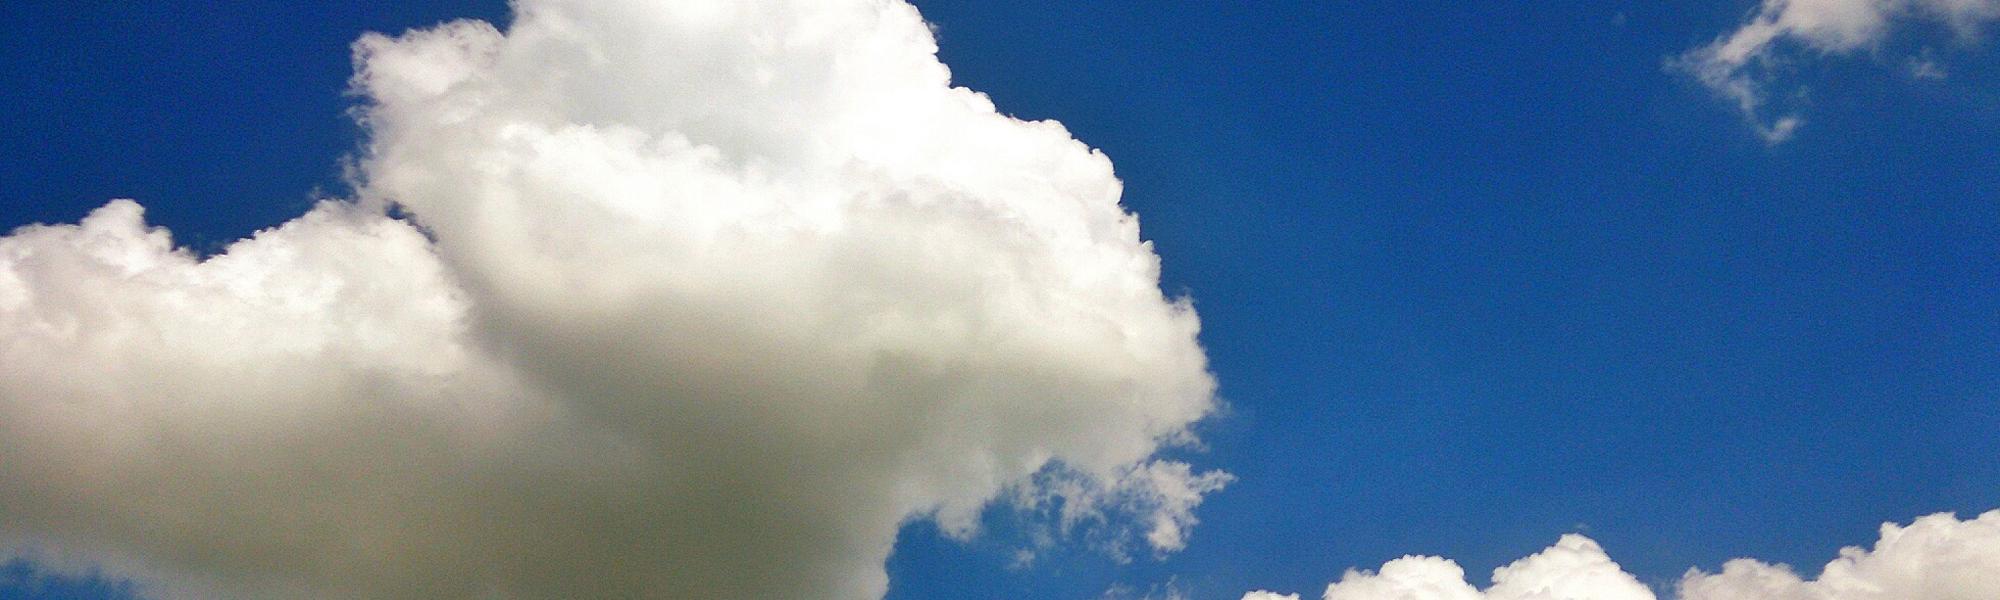 Fotograaf Utrecht - auteur - jouw bedrijf in the picture - wolken